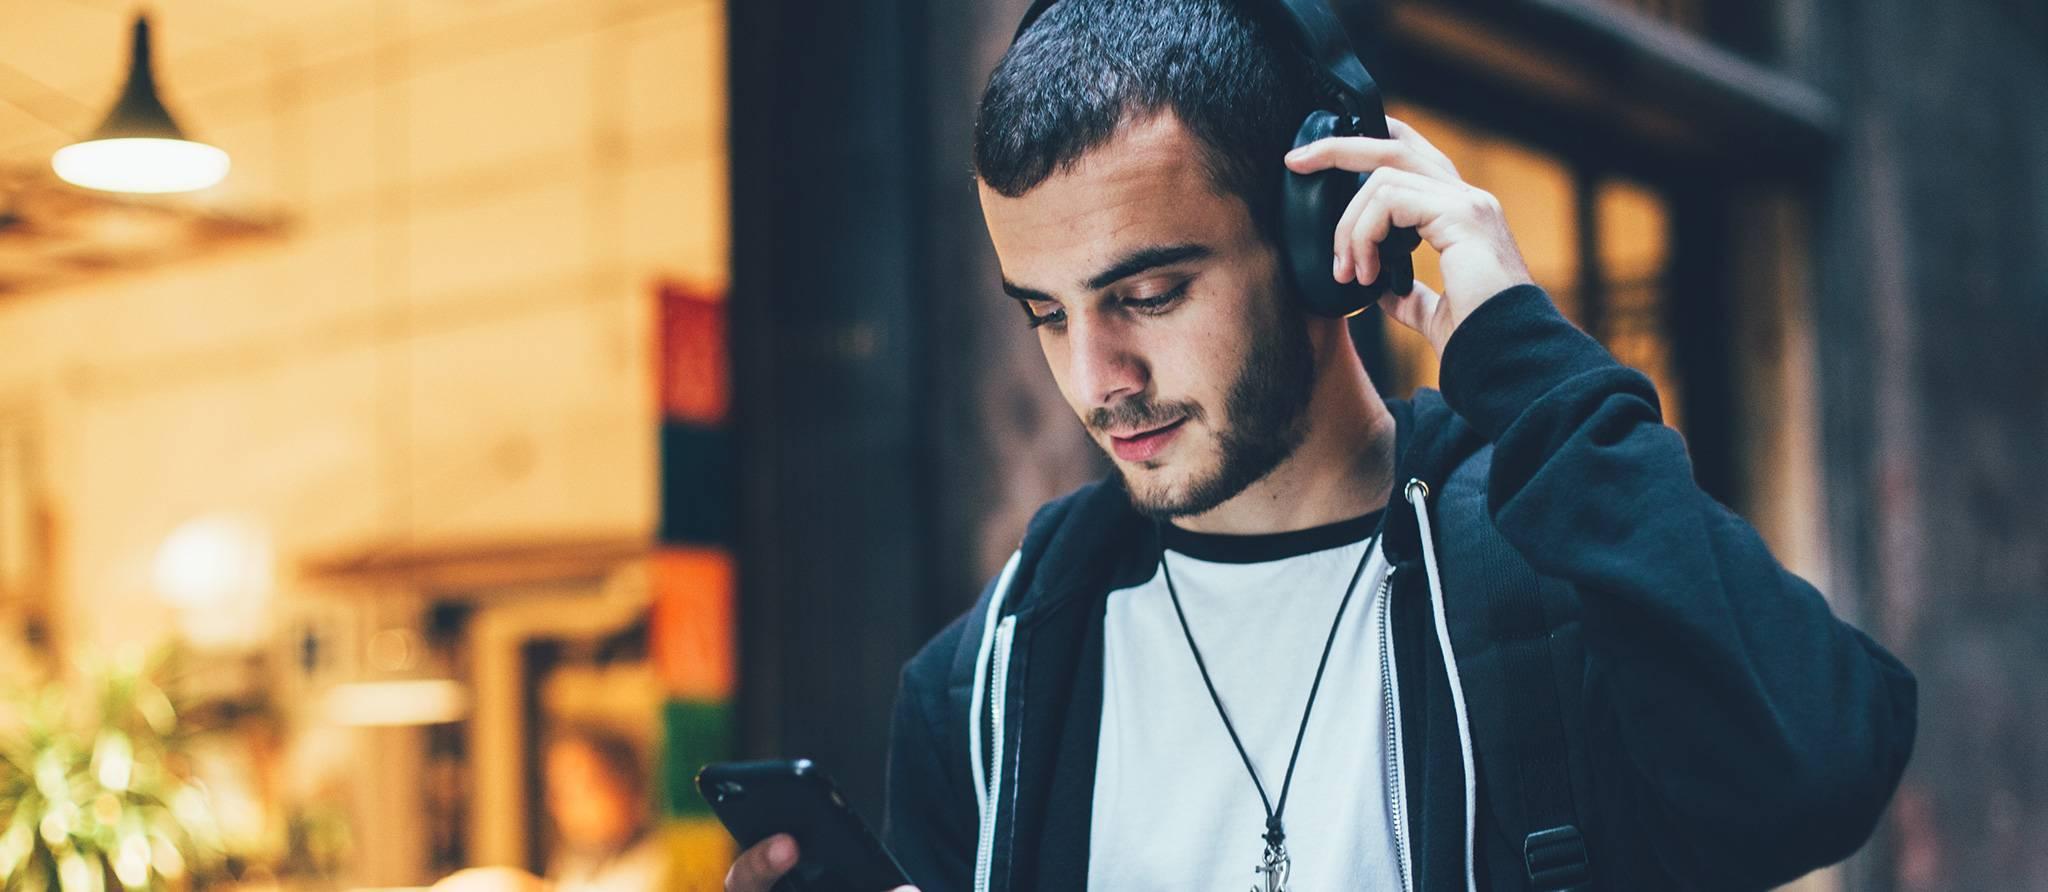 comment-choisir-ecouteurs-2